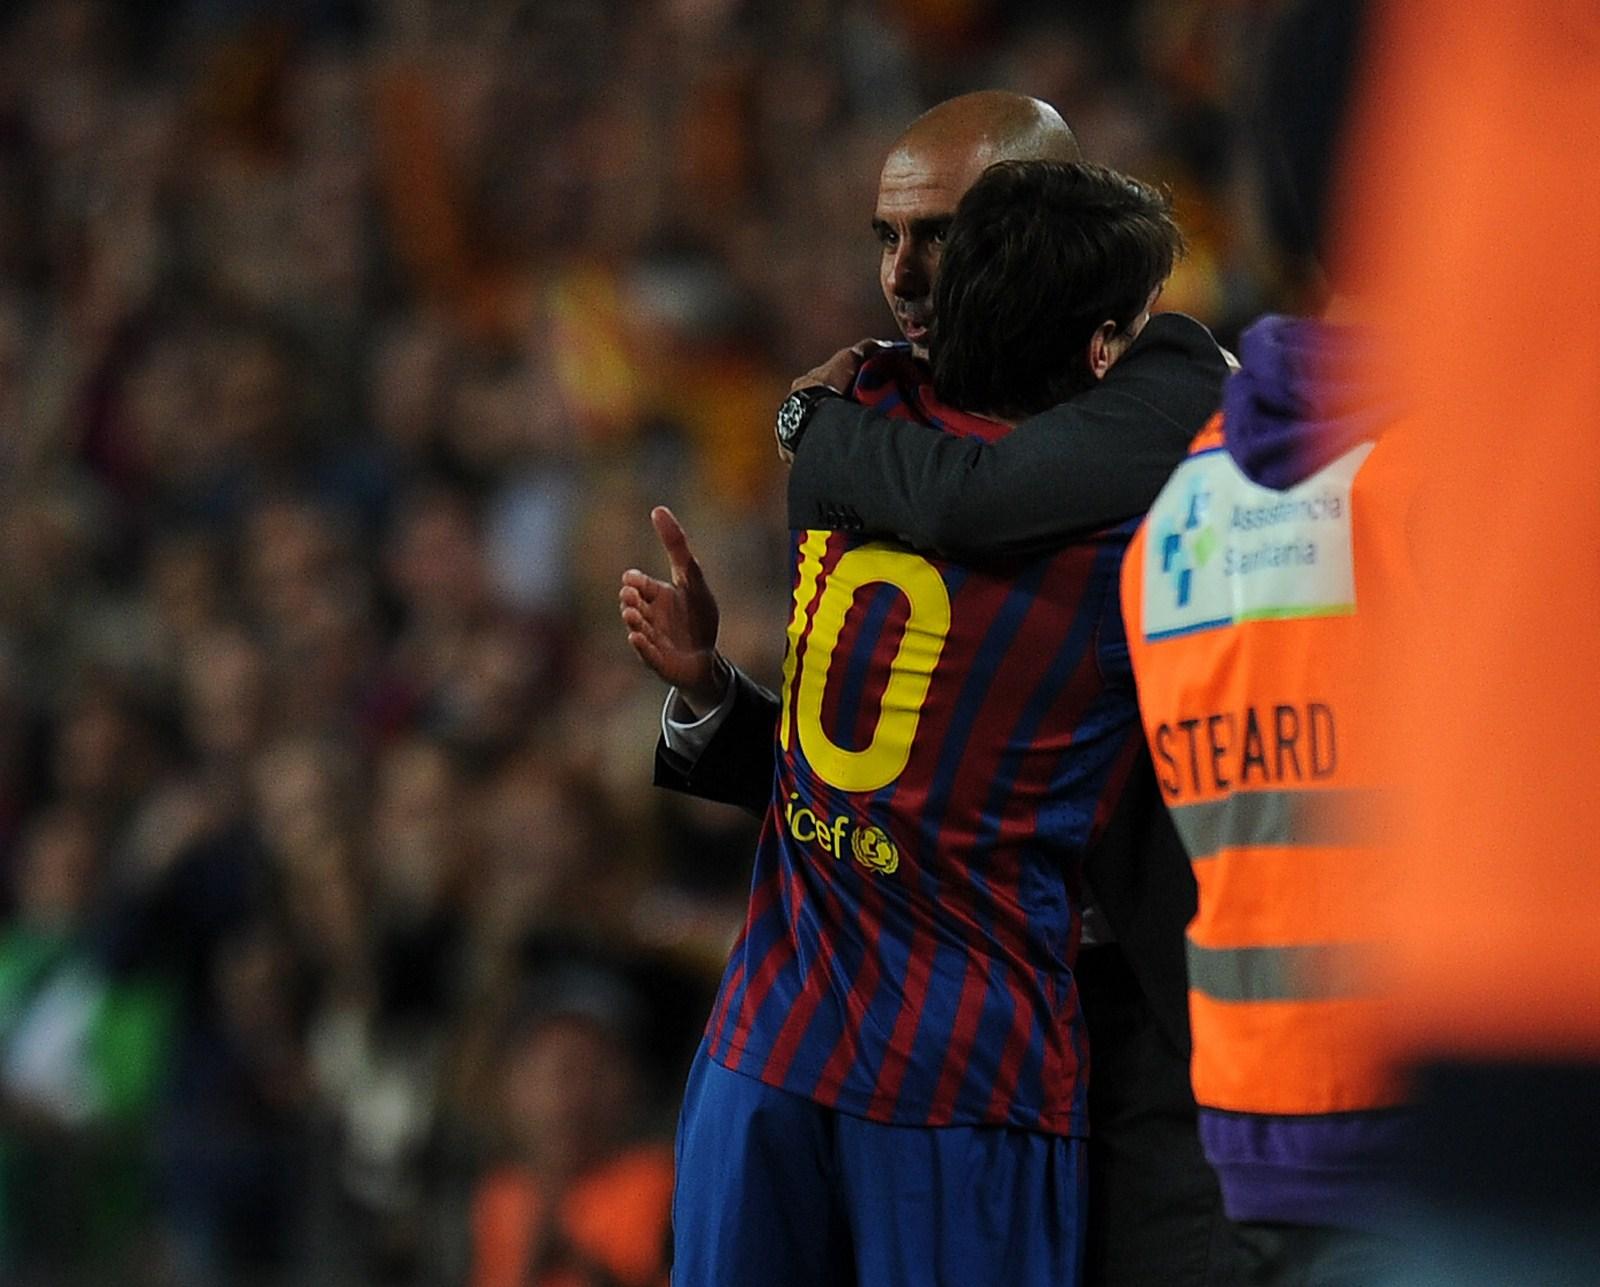 Tiết lộ: Guardiola ra tay, Man City vẫn thất bại trong nỗ lực chèo kéo Messi - Bóng Đá